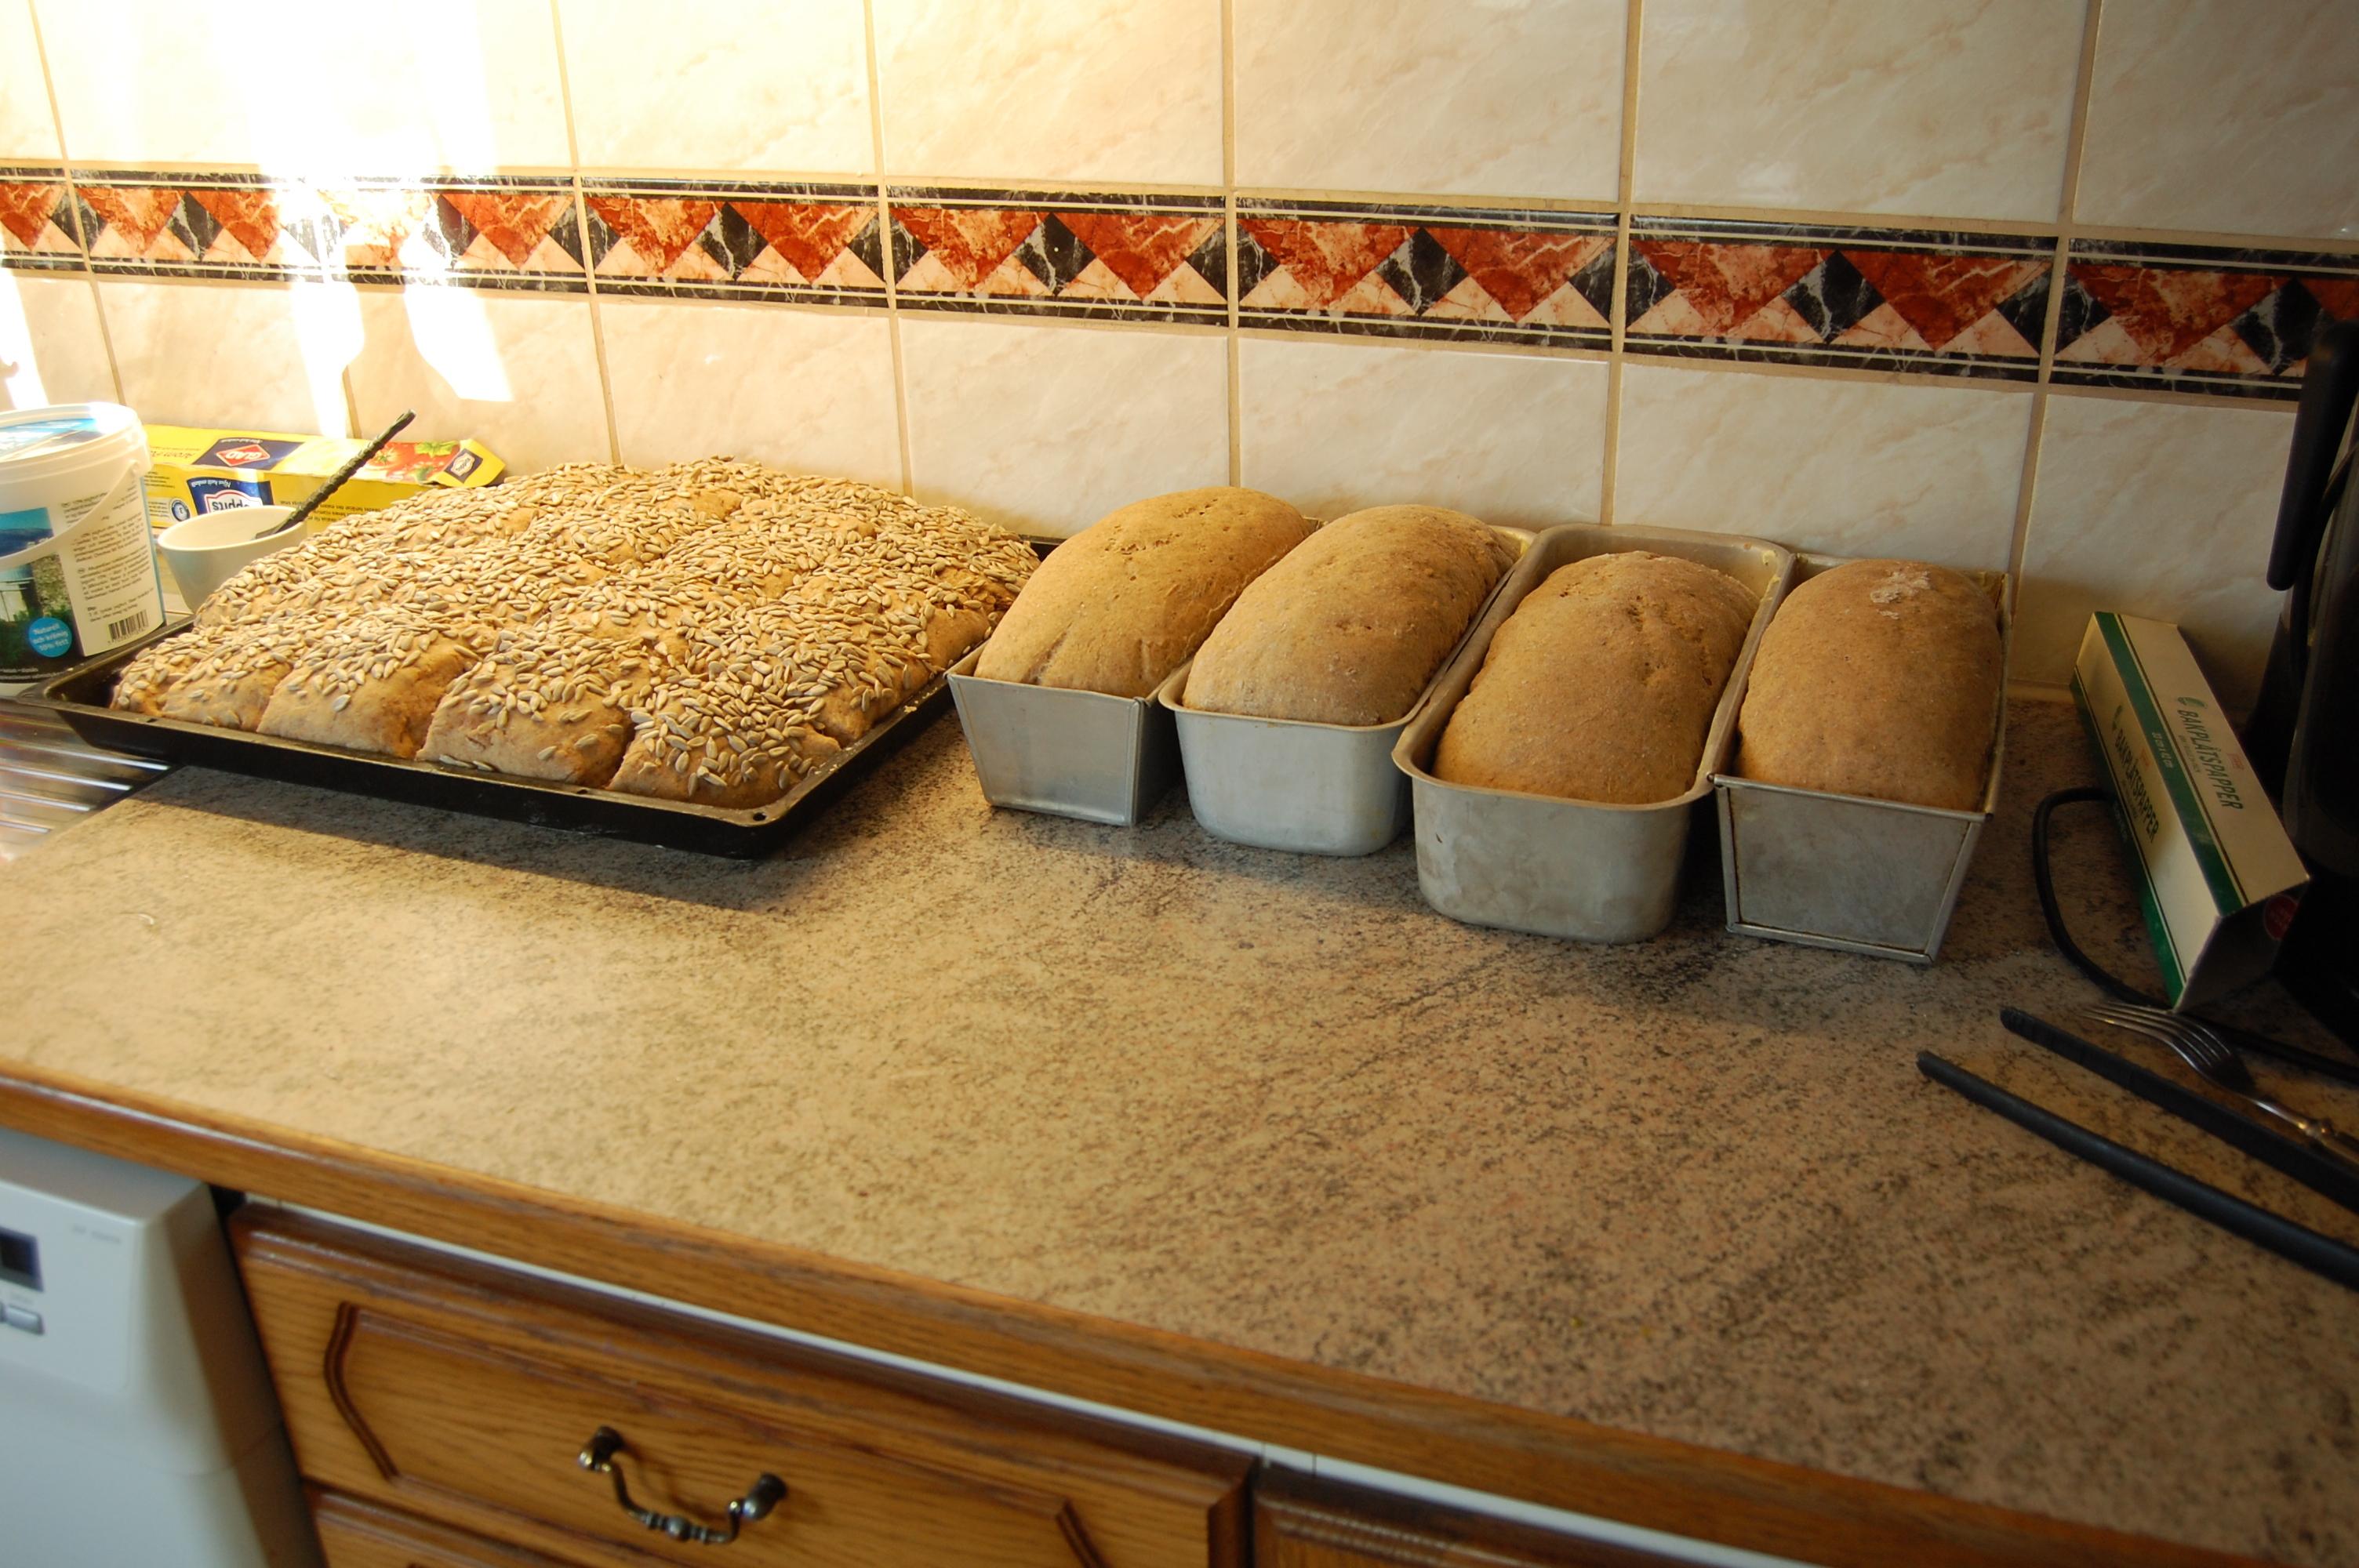 baka grovt bröd med musli